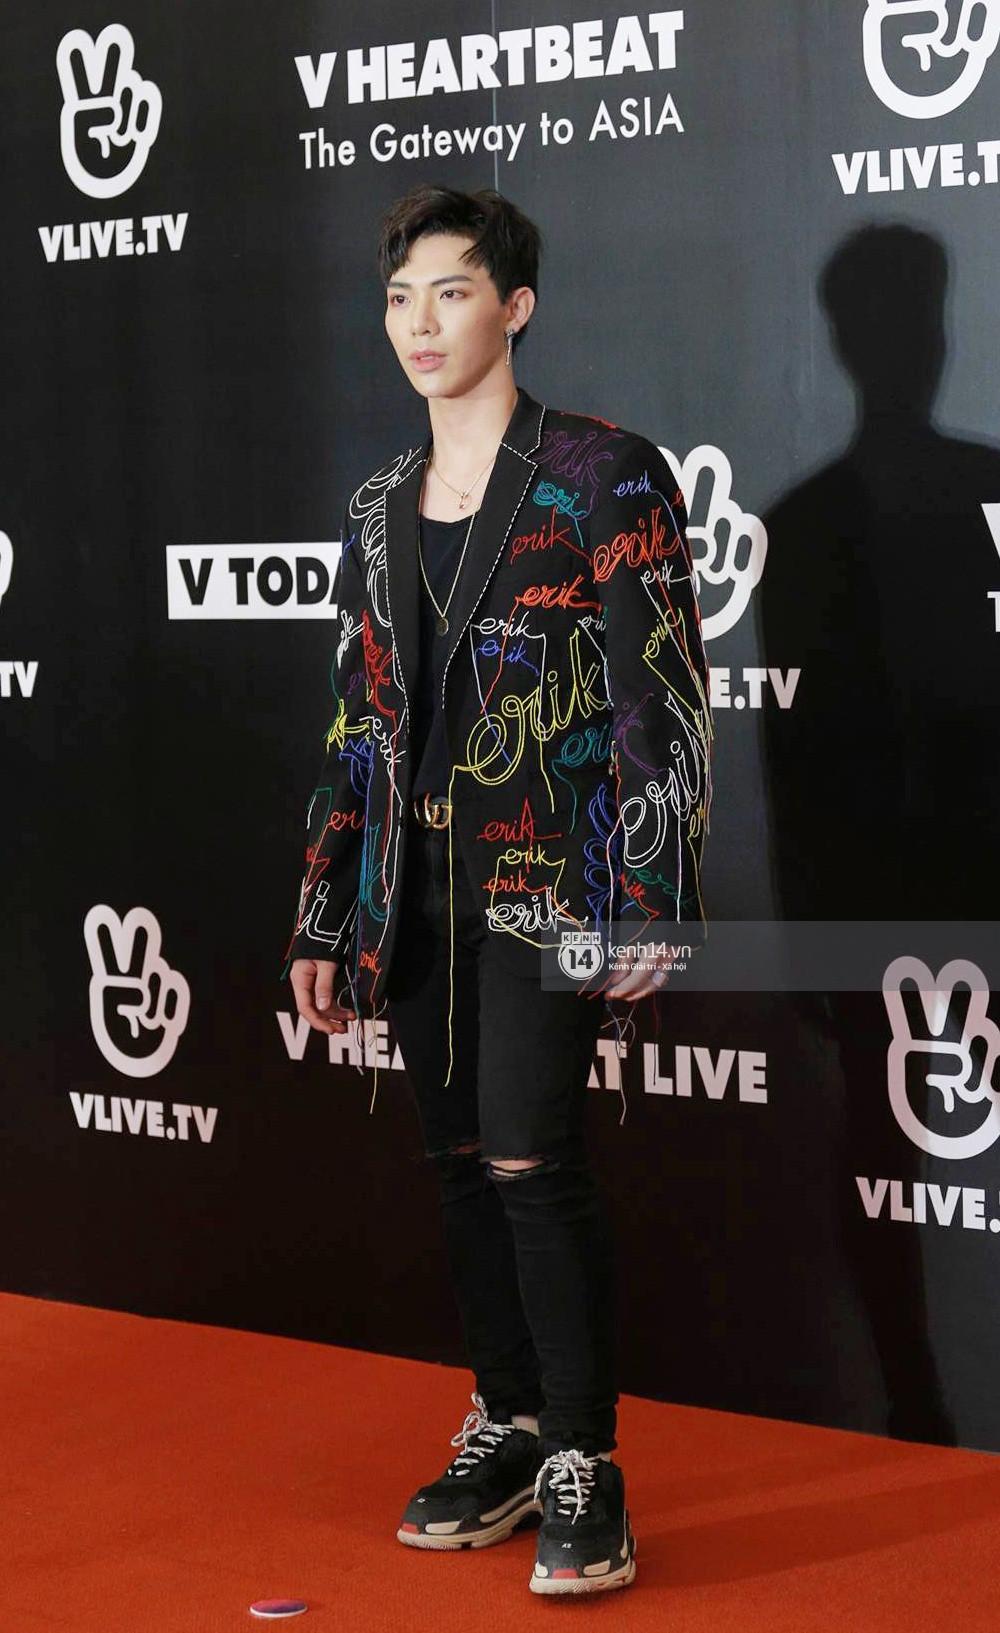 Thảm đỏ đêm nhạc Hàn-Việt: Jung Hae In, WINNER đẹp trai cực phẩm, Chi Pu và Hòa Minzy đọ sắc cùng loạt sao Việt - Ảnh 18.